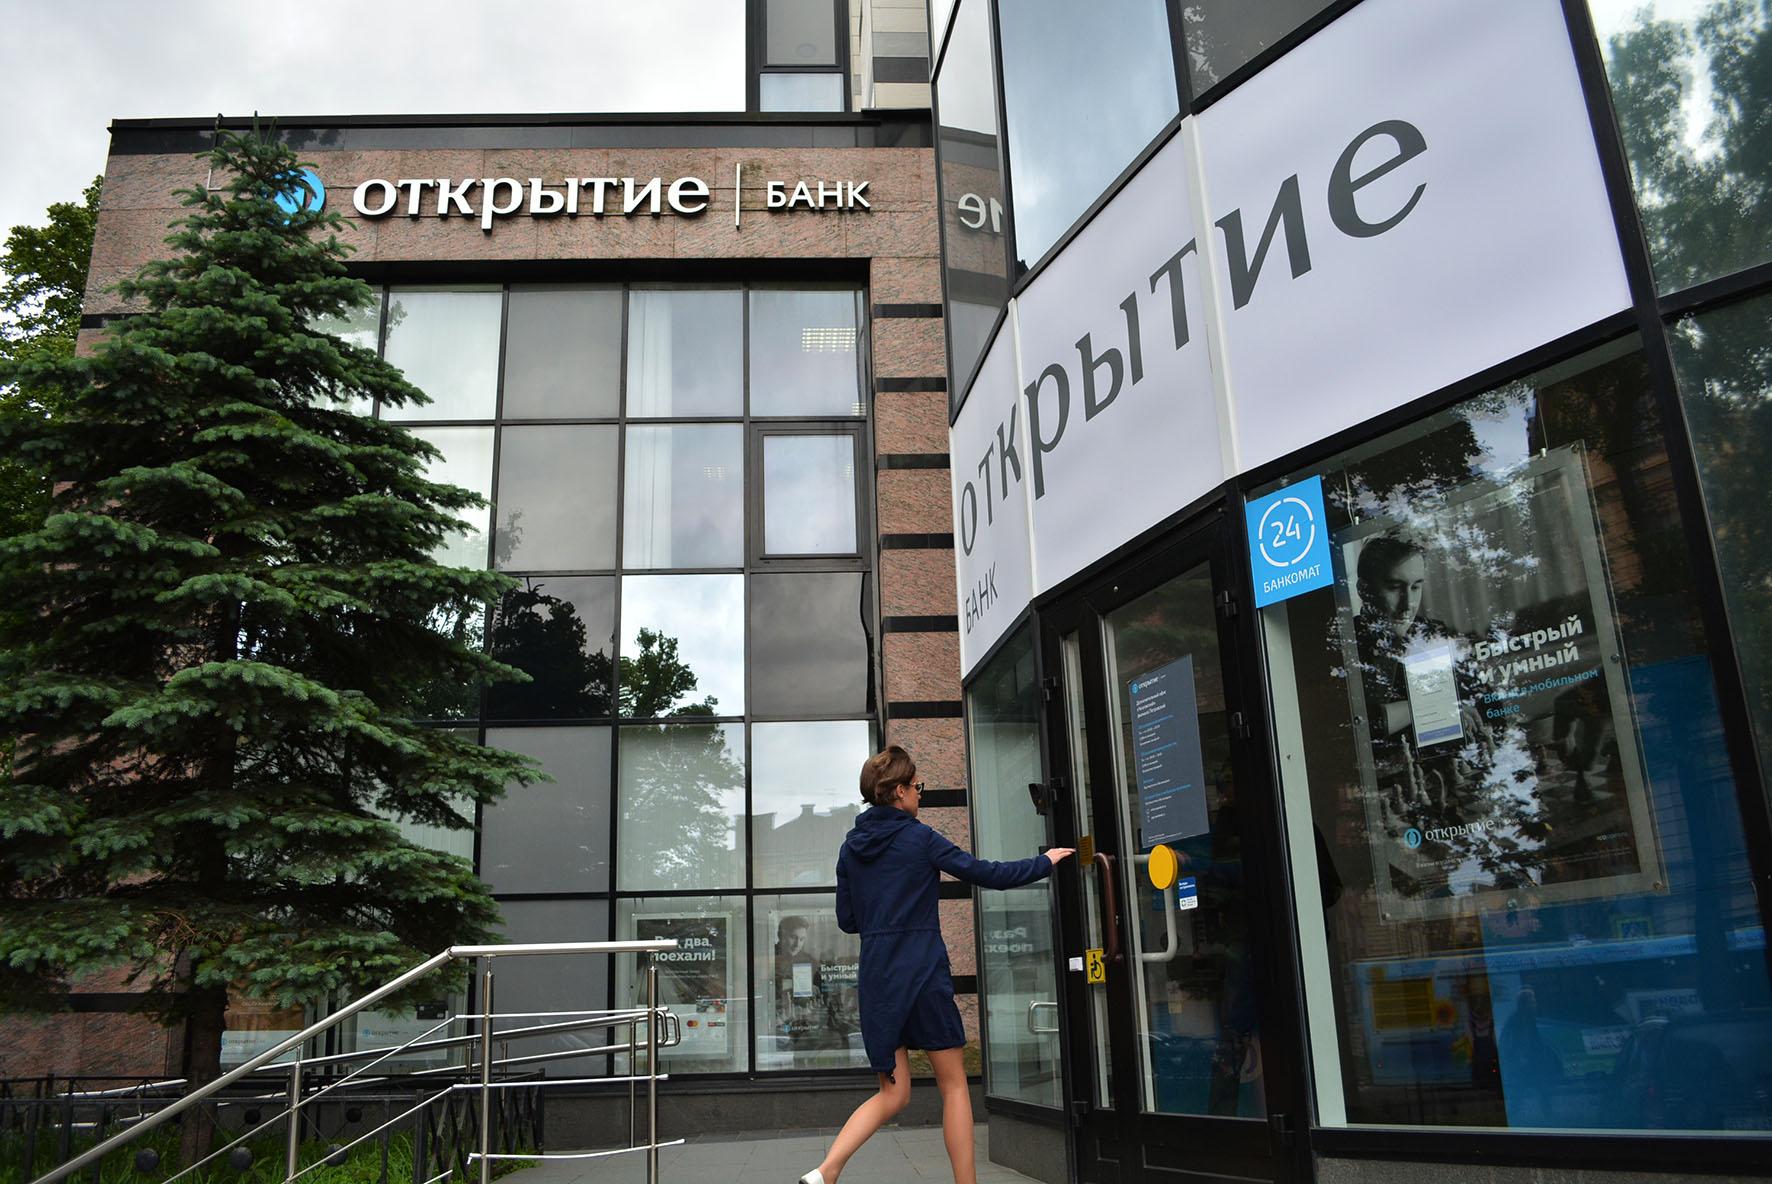 Банк «Открытие» выплатил 70% общей суммы страхового возмещения вкладчикам банка «Нейва»